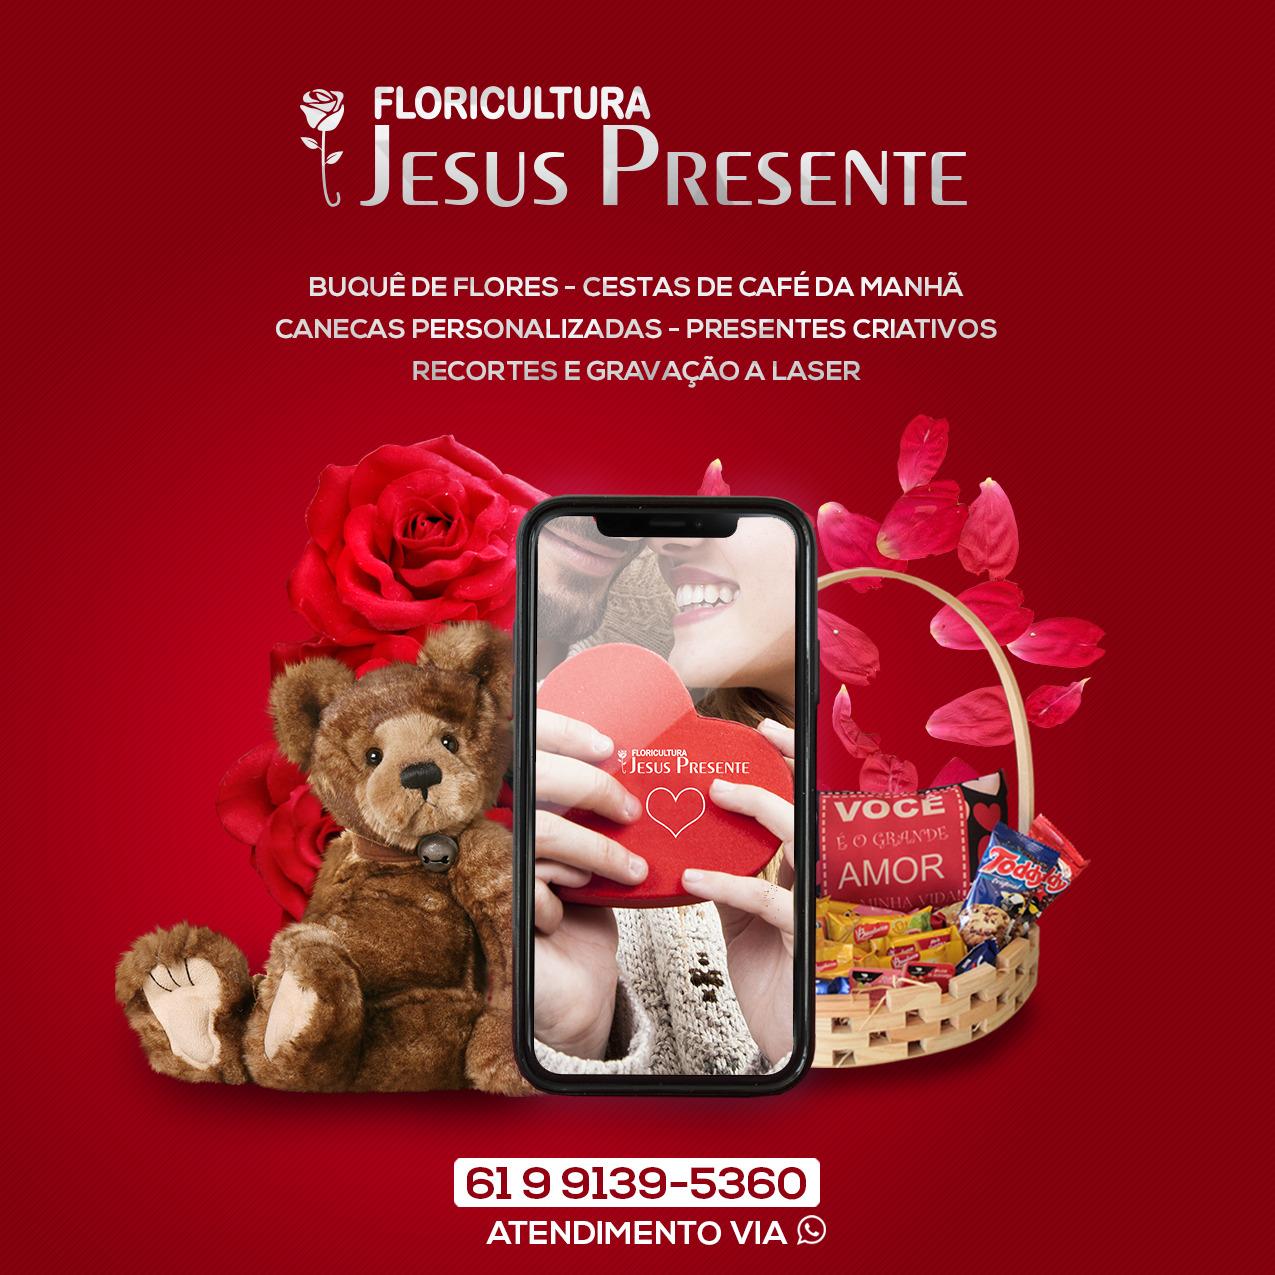 FLORICULTURA JESUS PRESENTE